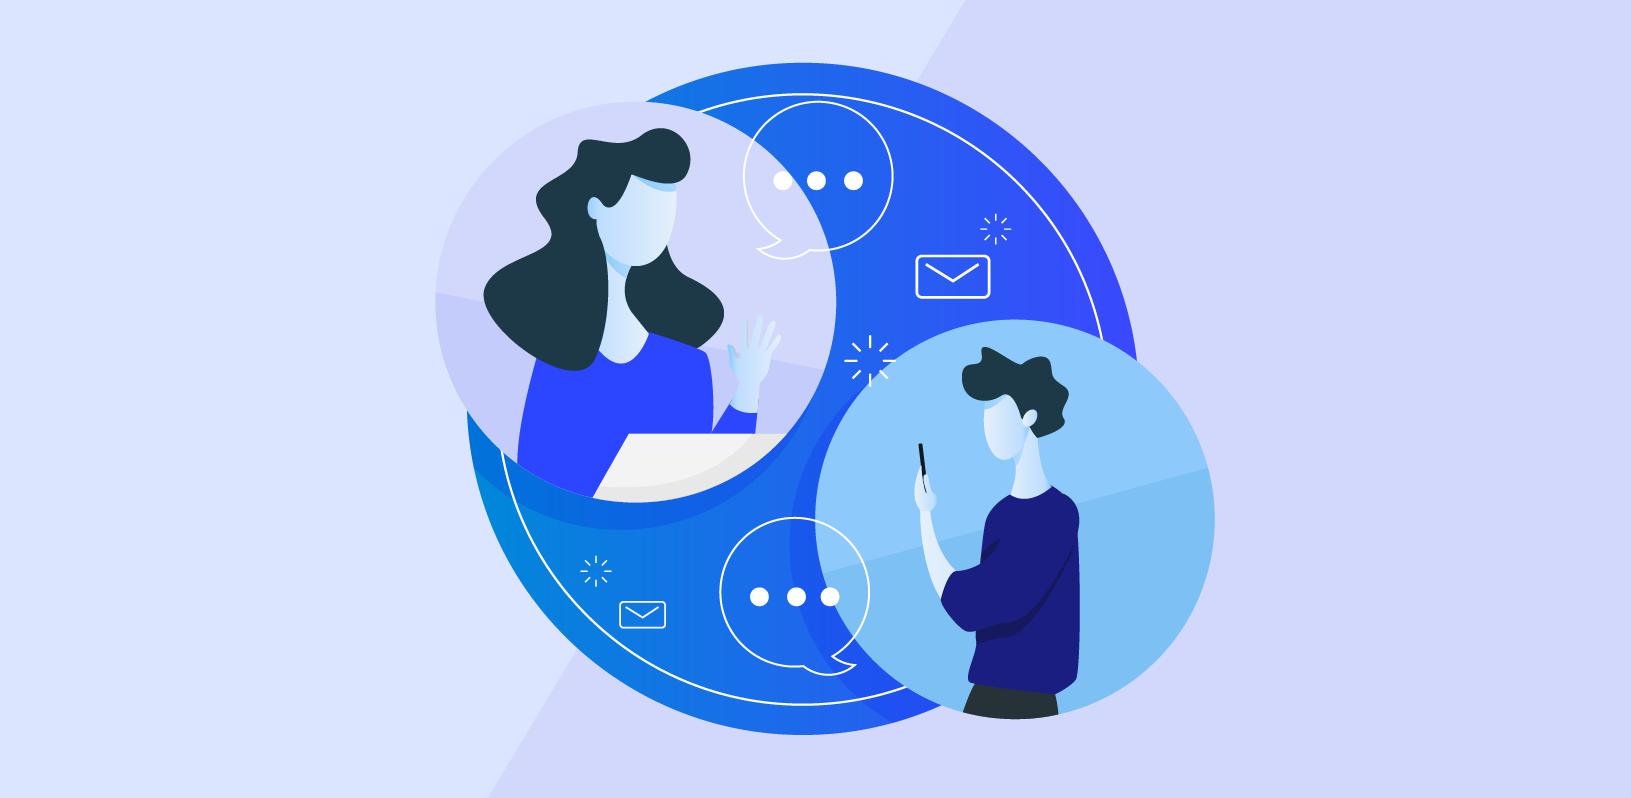 Cómo lograr una buena comunicación con proveedores a travez de Webdox